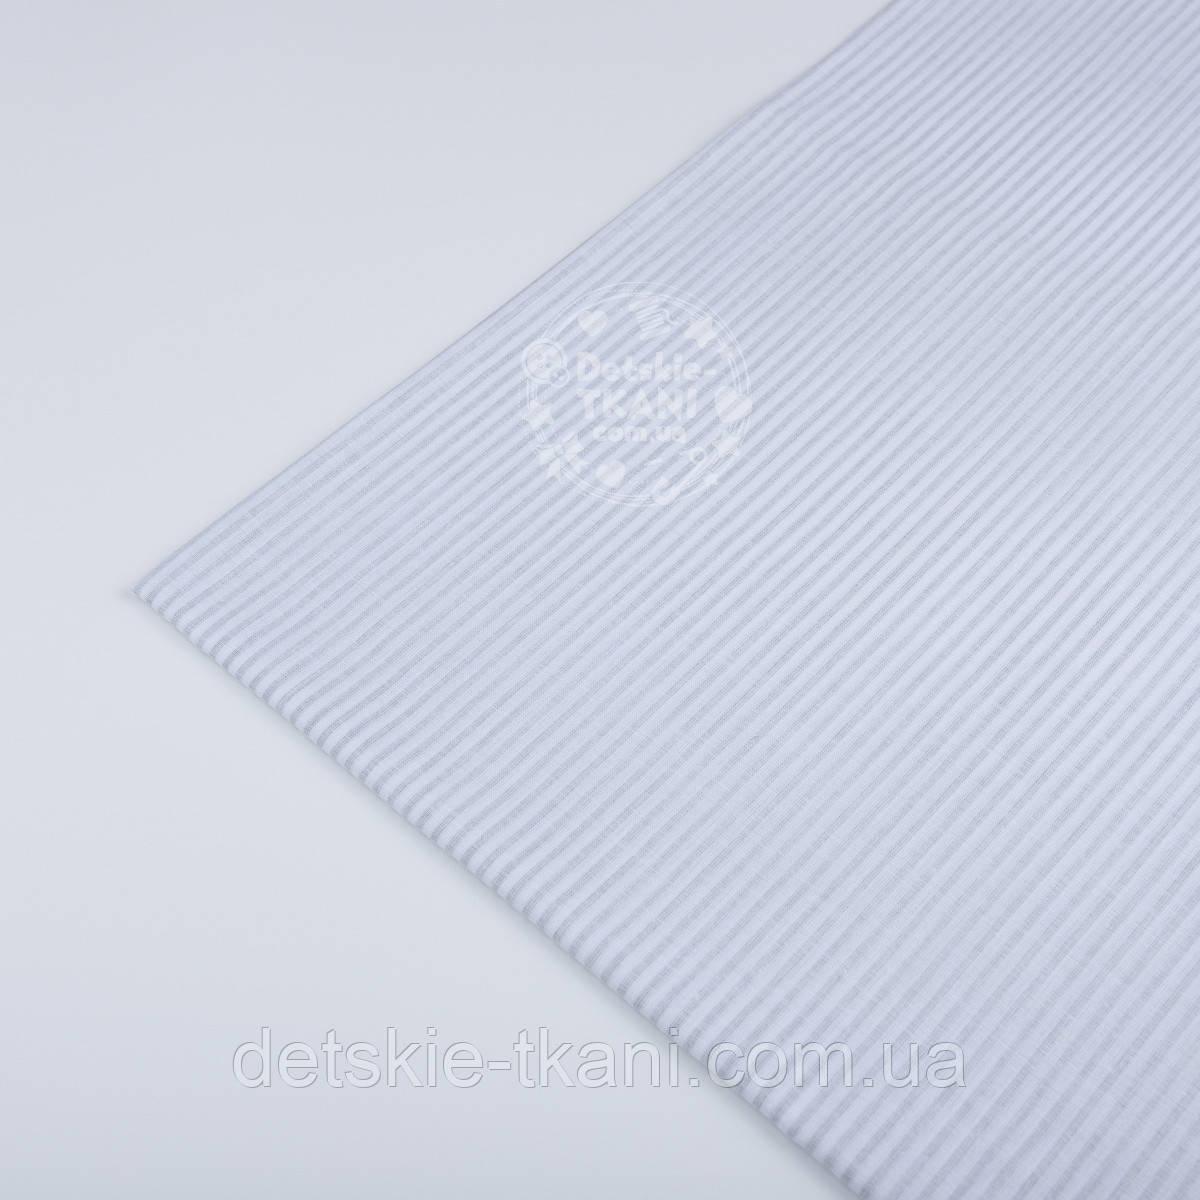 Лоскут ткани №21а с мелкой серой полоской.